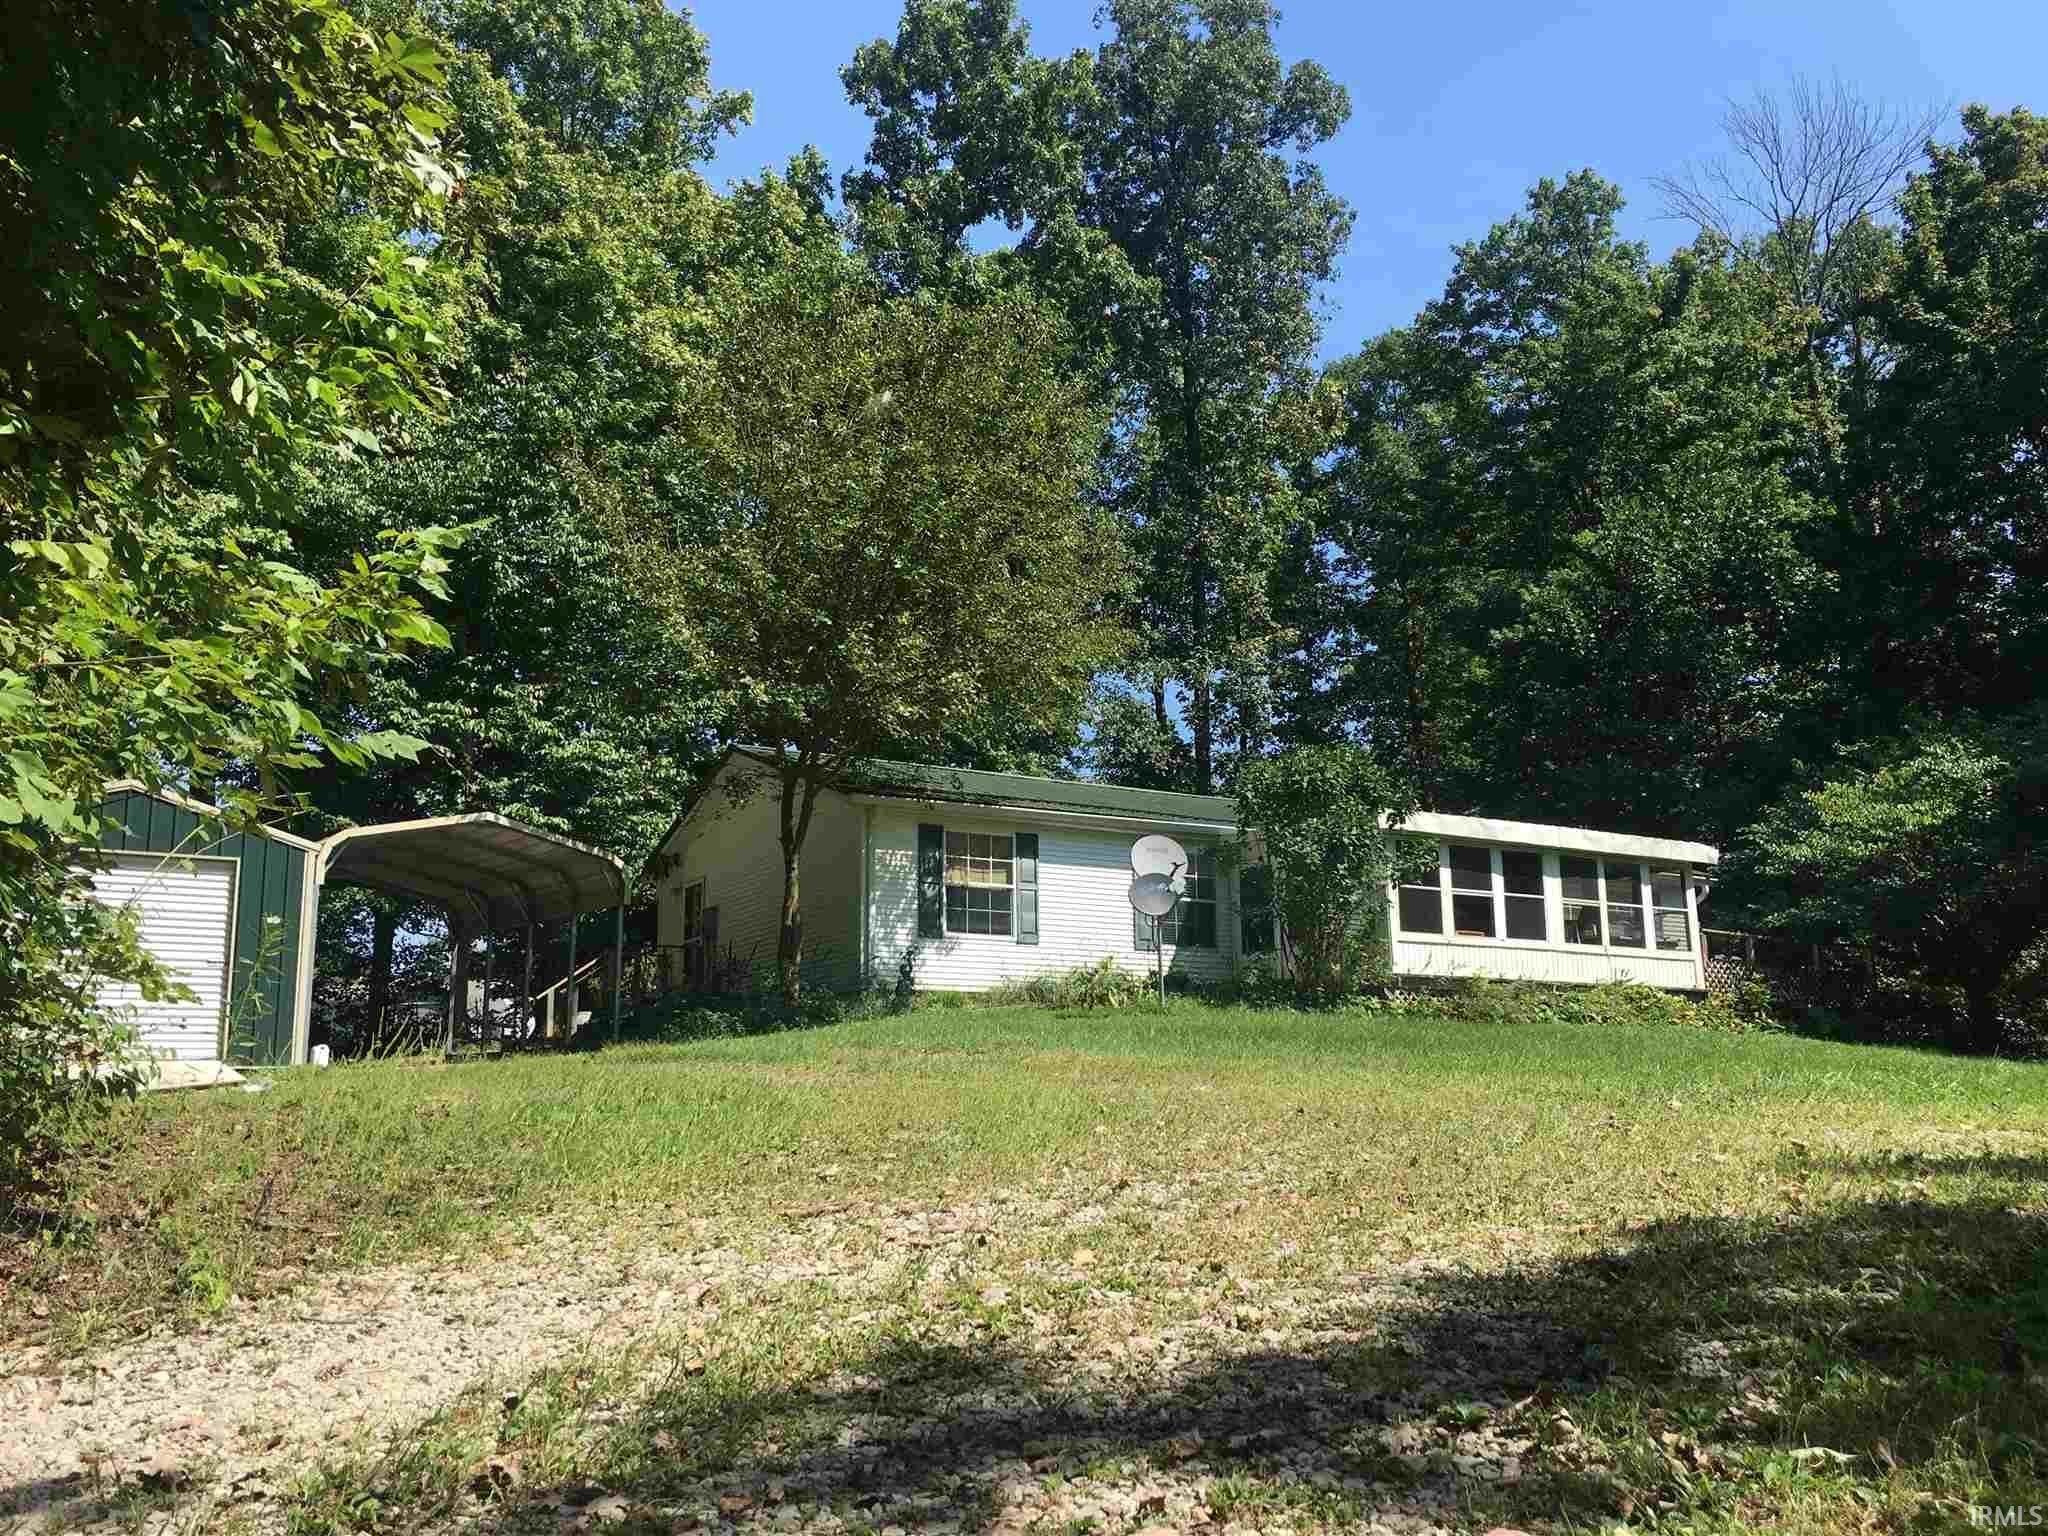 1150 Hancock School Road, Spencer, Indiana 47460, 3 Bedrooms Bedrooms, 9 Rooms Rooms,2 BathroomsBathrooms,Residential,For Sale,Hancock School,201936571